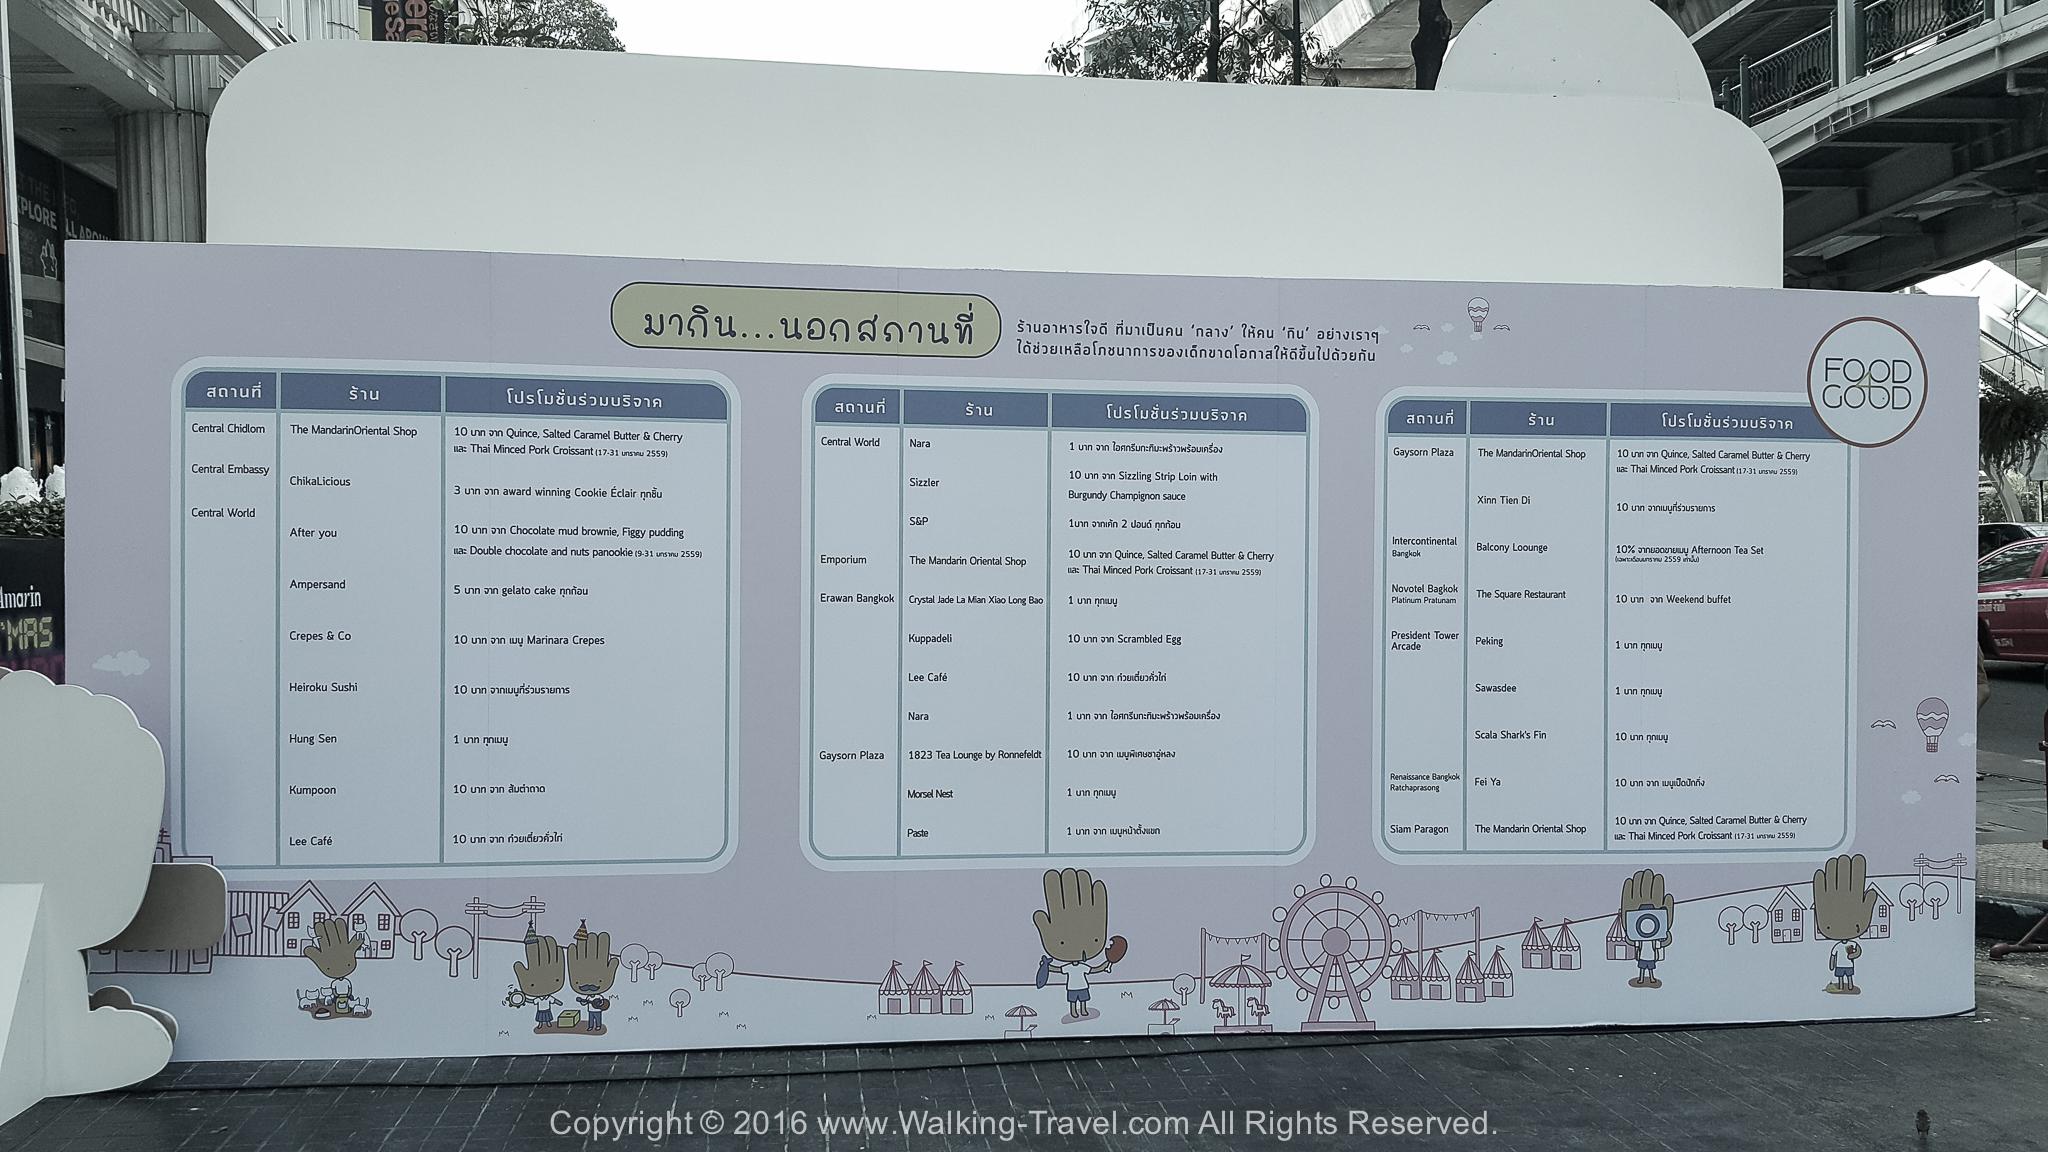 รายละเอียดร้านอาหารที่เข้าร่วมโครงการคับ